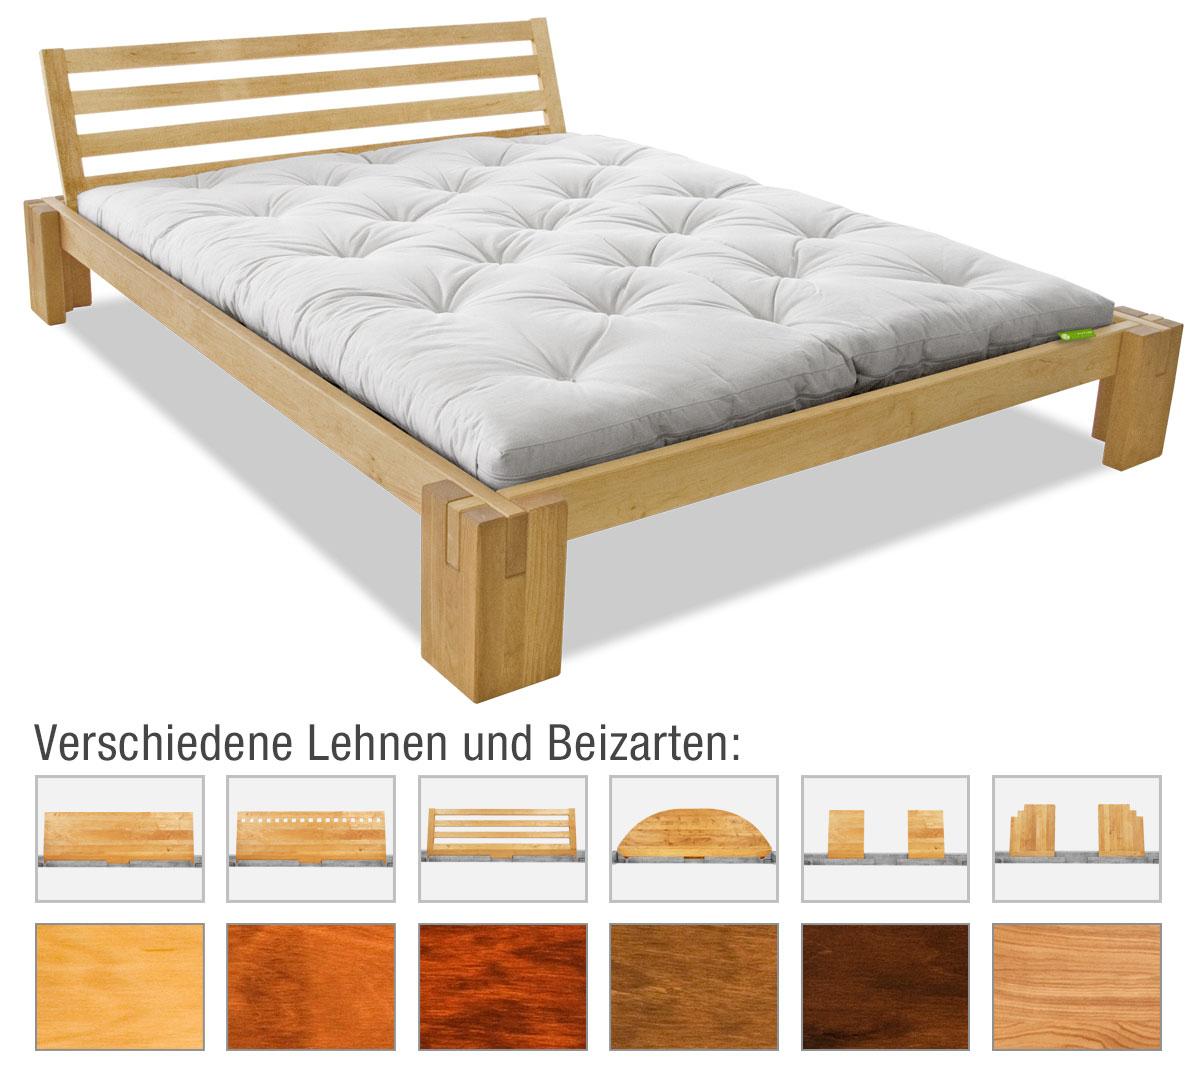 Full Size of Futonbett Basic Online Bestellen Der Klassiker Edofutonde Bett Weiß 100x200 Betten Wohnzimmer Futonbett 100x200